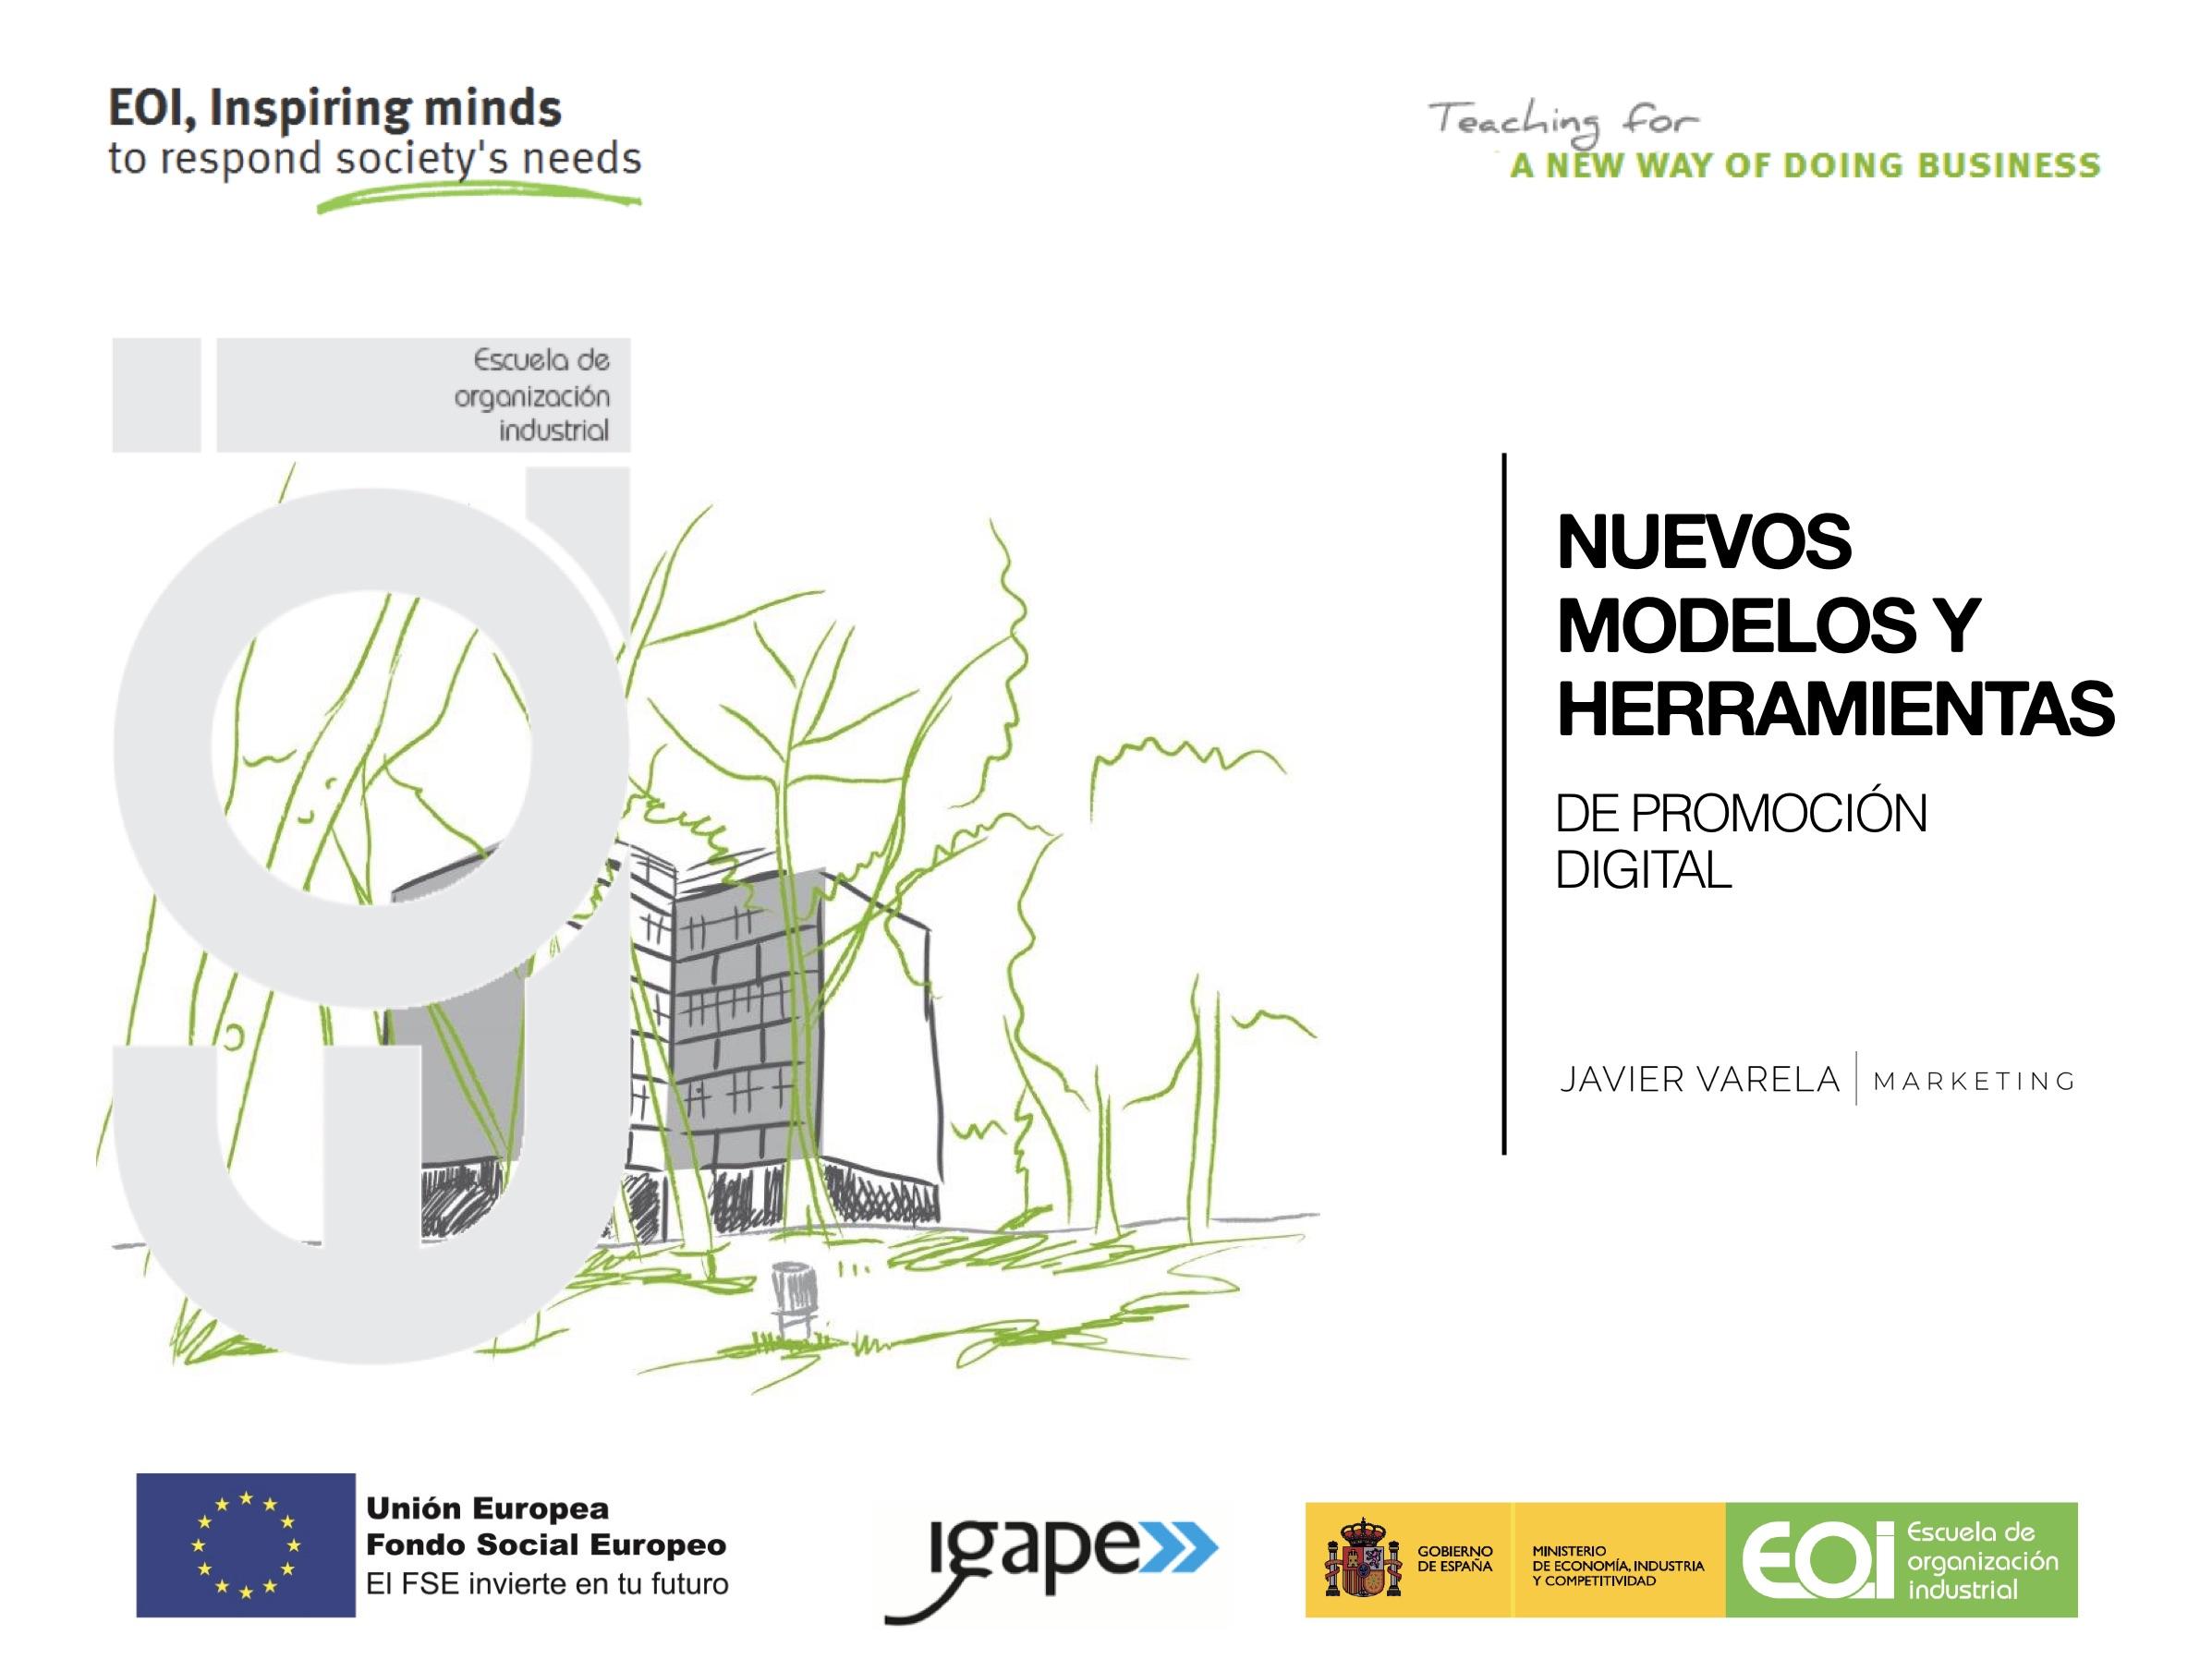 Curso Nuevos Modelos De Promoción Digital - Javier Varela - EOI